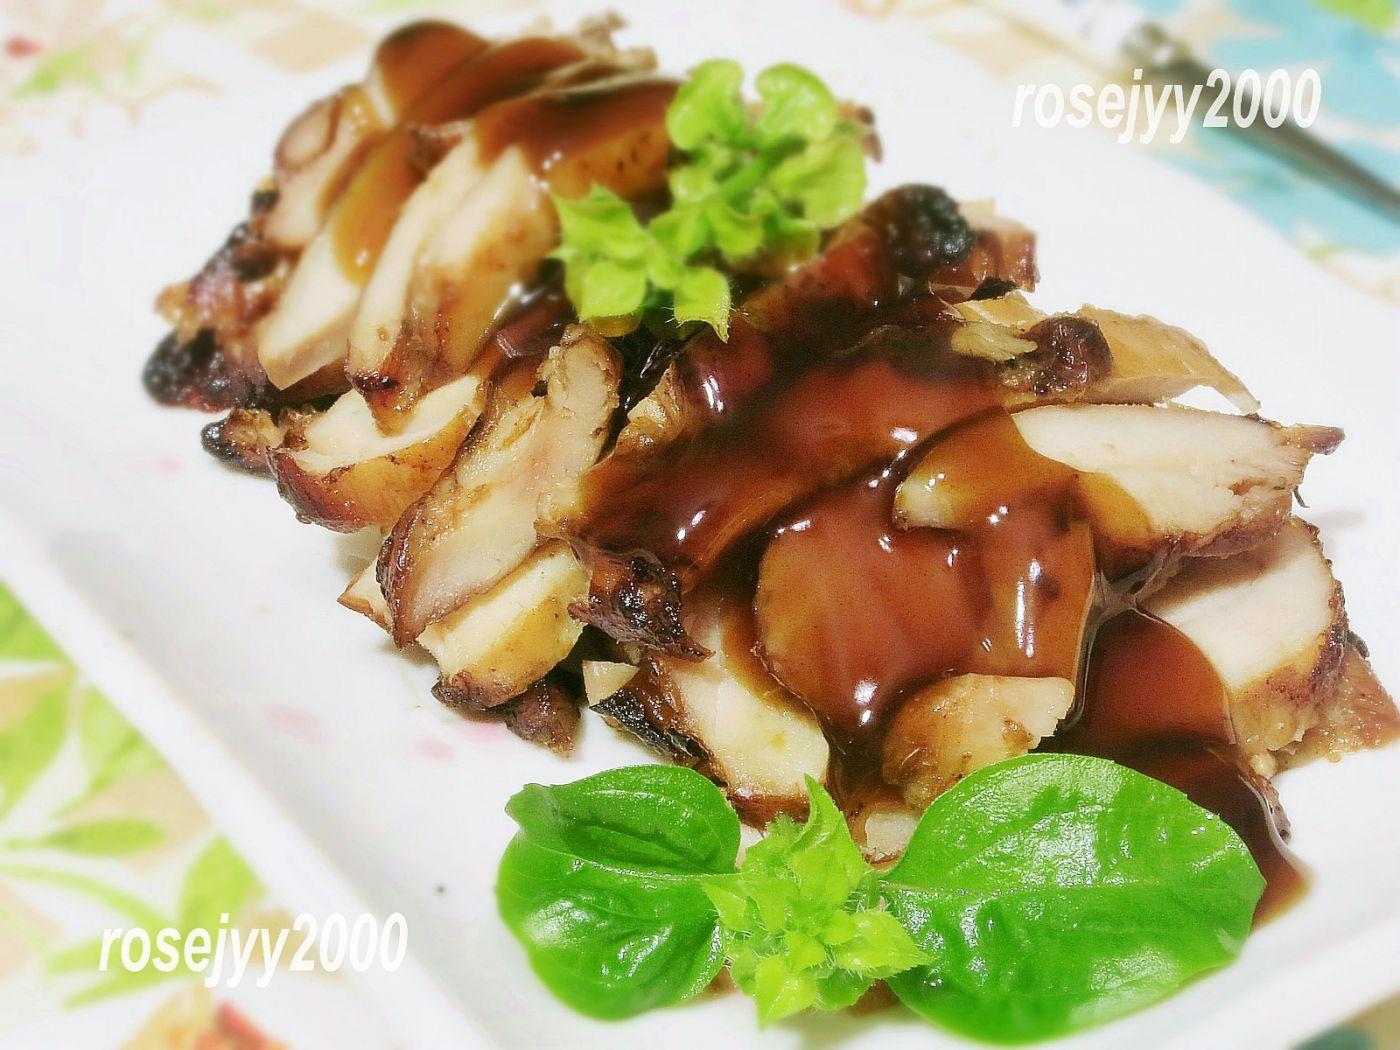 空气锅烤鸡大腿肉_图1-1